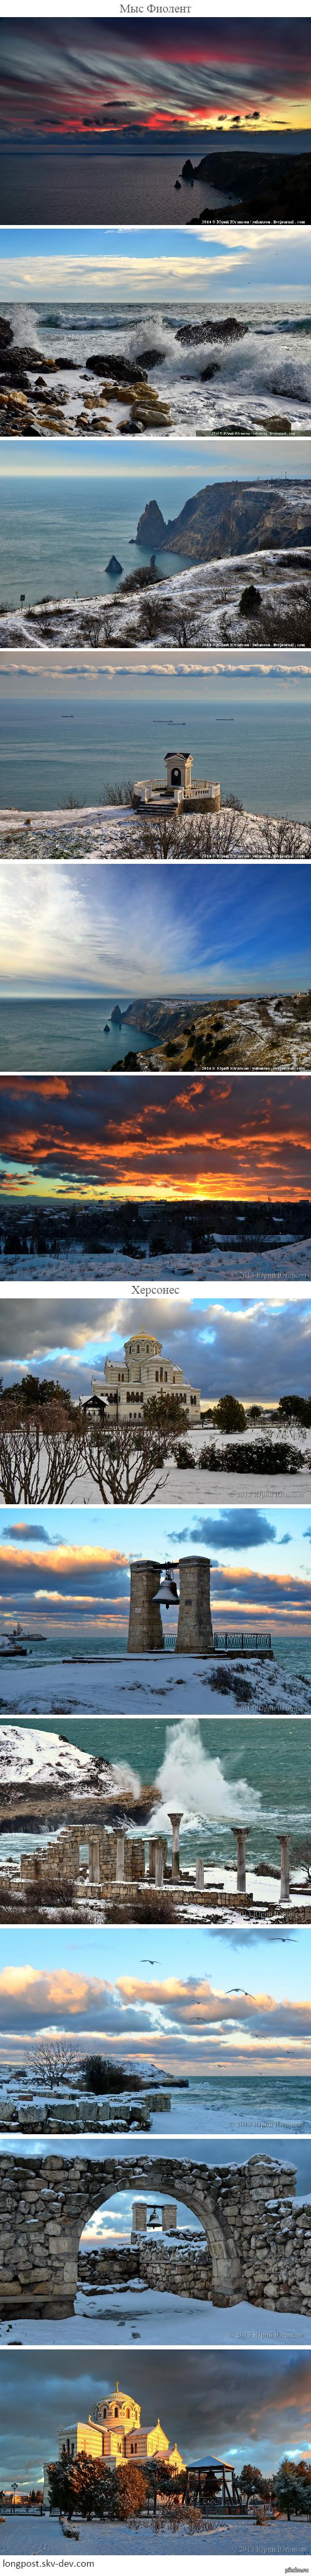 Севастополь зимой Использованы фотографии замечательного севастопольского фотографа Юрия Югансона